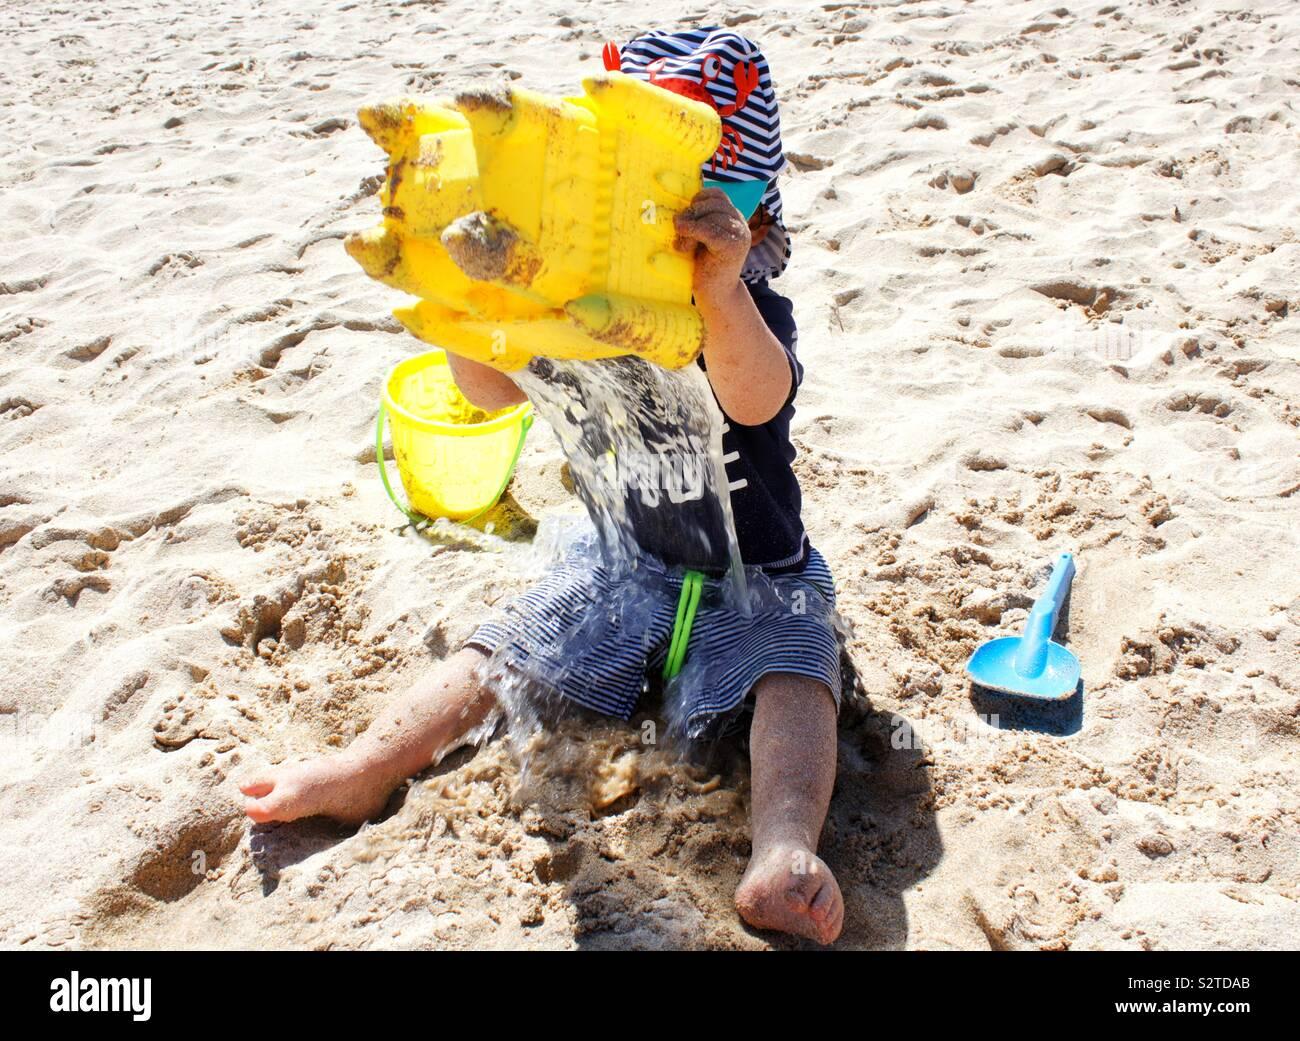 Kleinkind gießen einen Eimer Wasser auf sich selbst Stockfoto